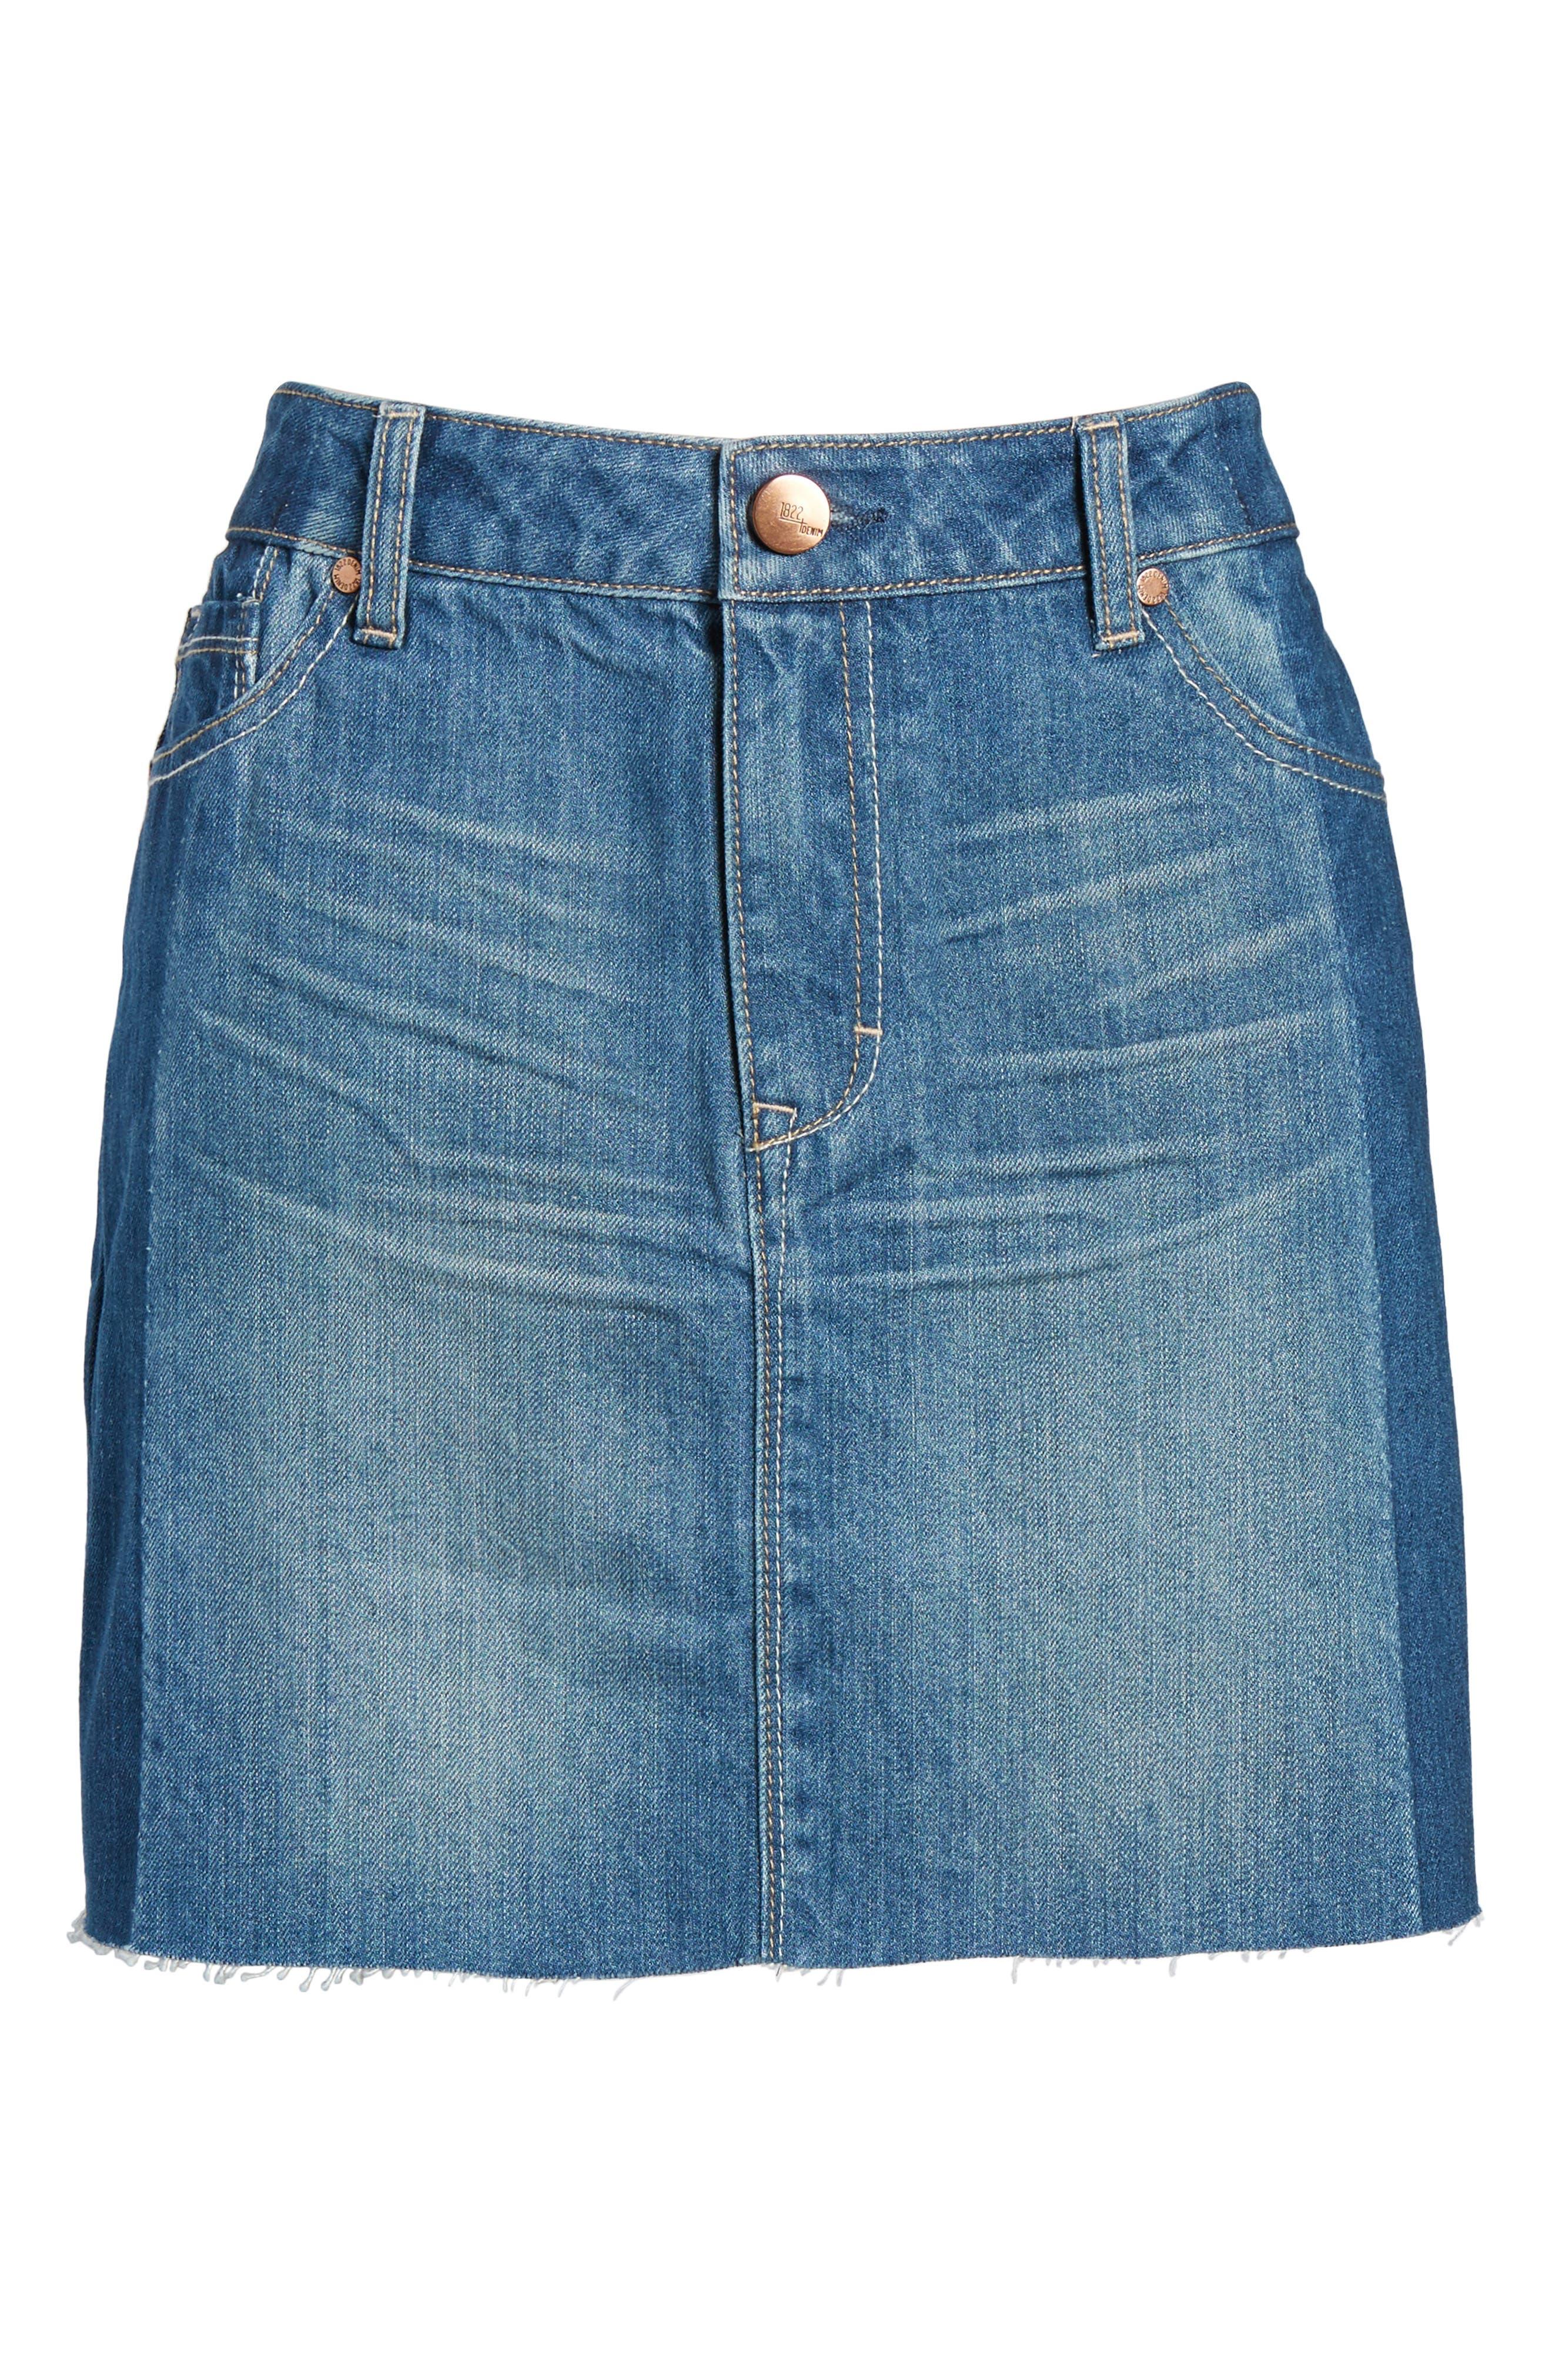 Two Tone Denim Skirt,                             Alternate thumbnail 6, color,                             Lexington